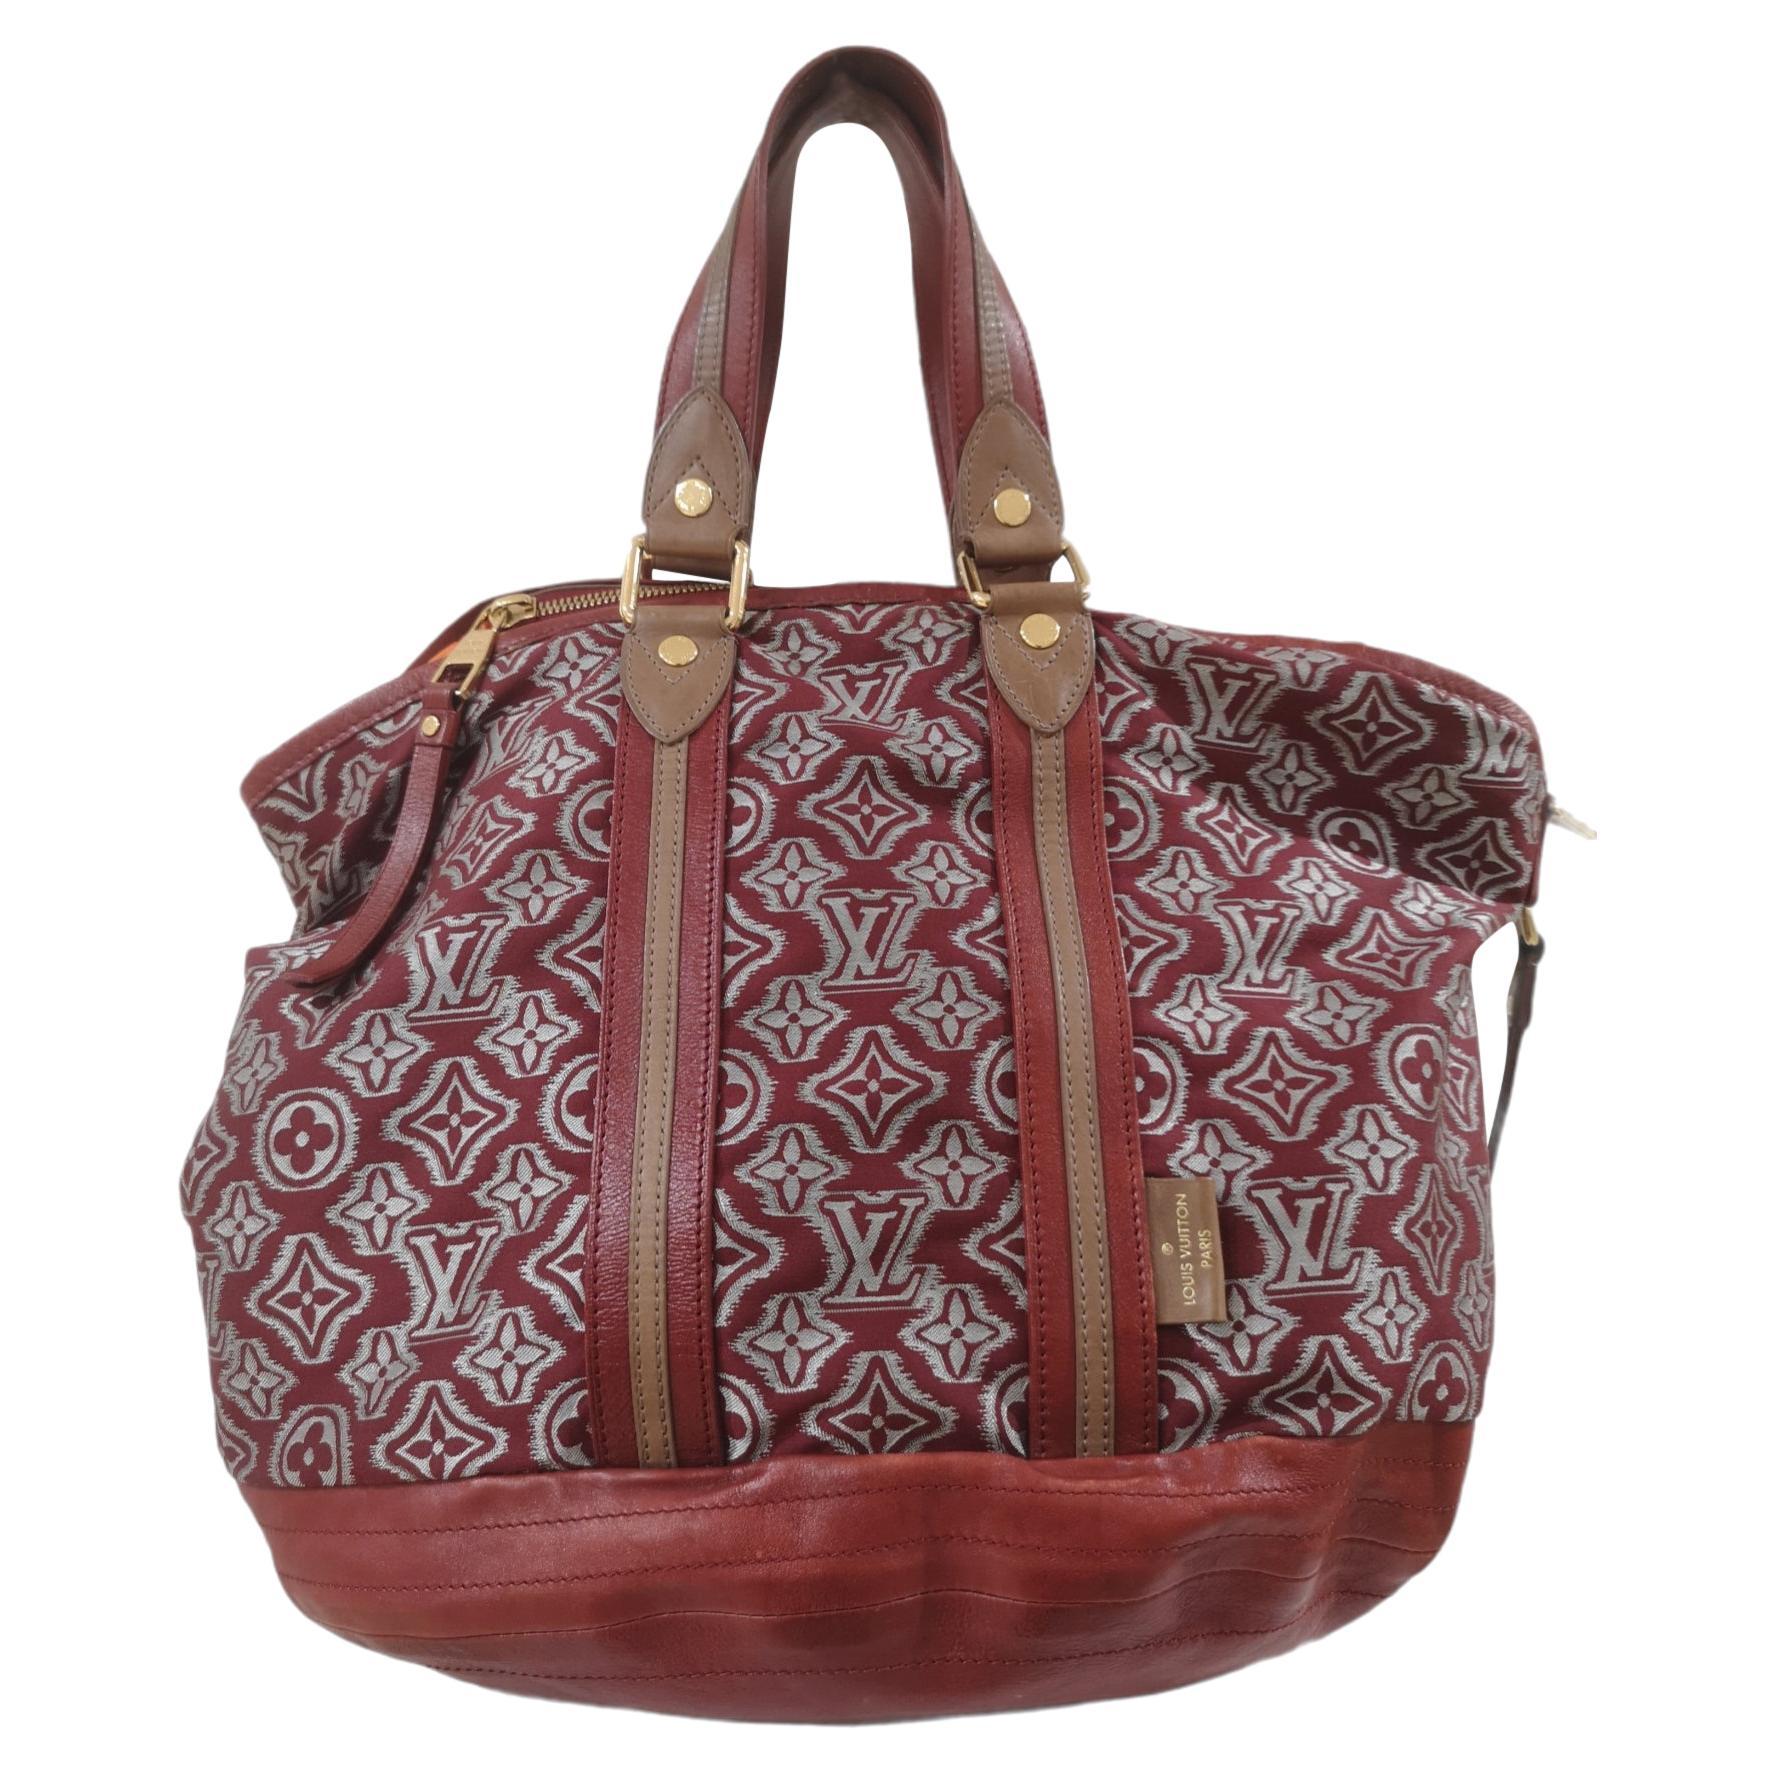 Louis Vuitton Limited edition monogram bordeaux aviator bag